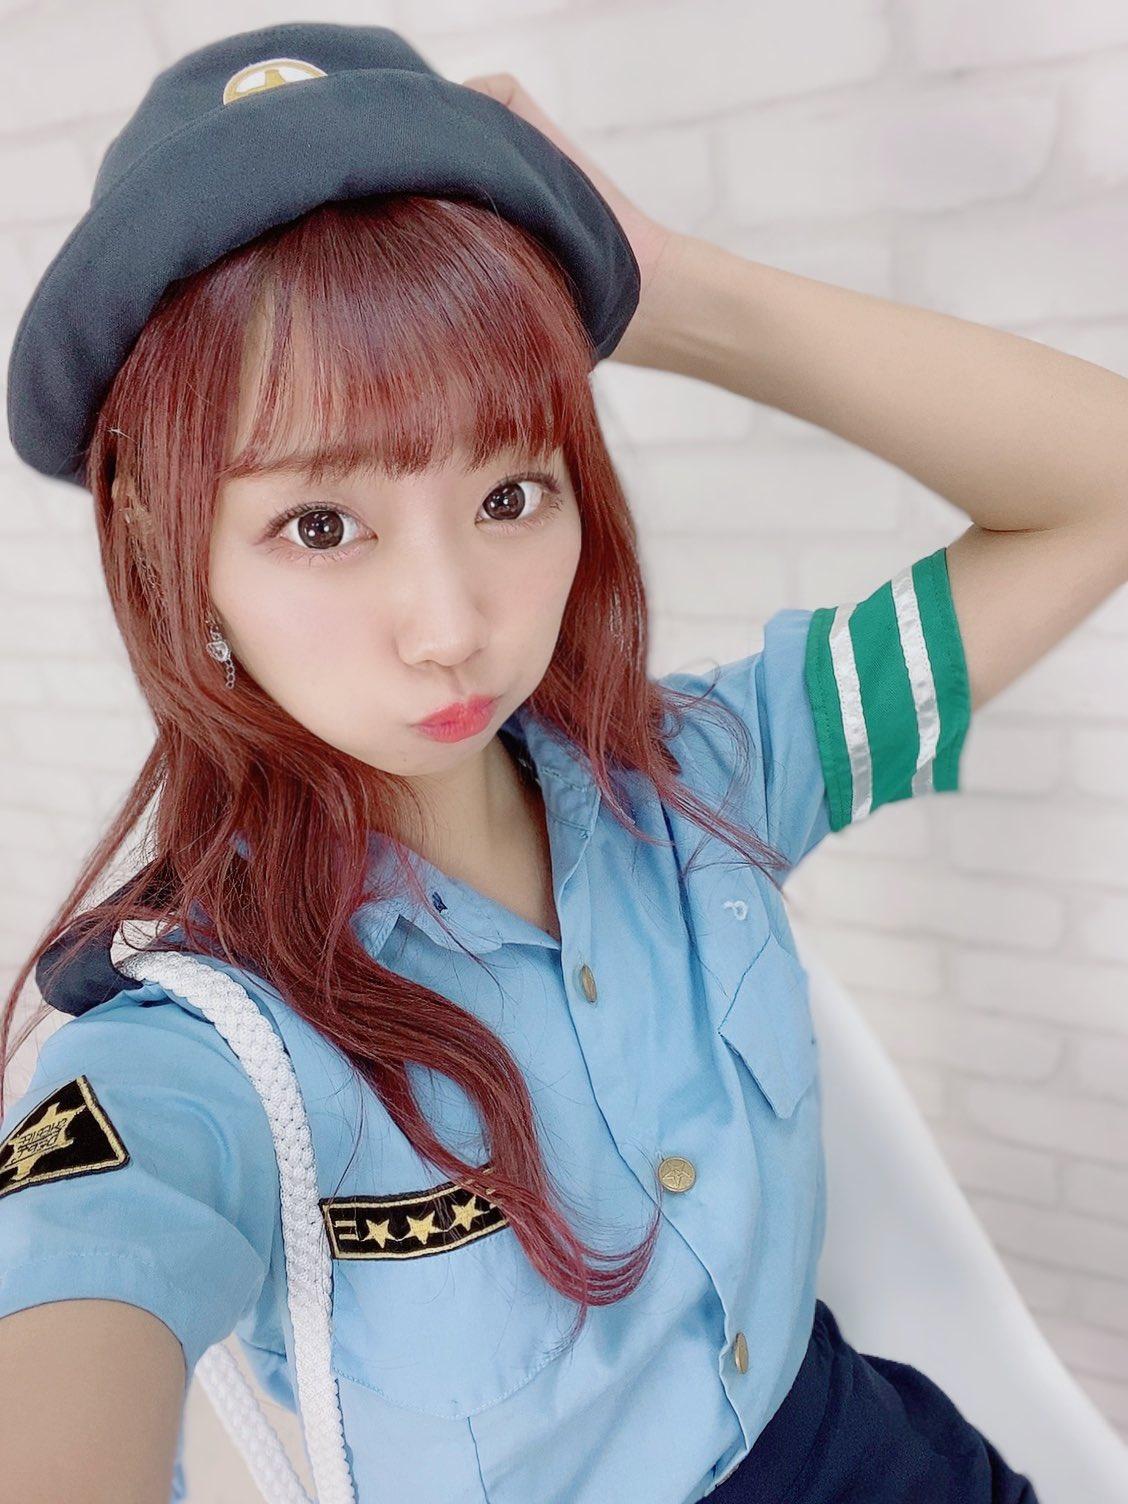 元NMB48肥川彩愛「ミニスカのポリス姿で美脚チラ」ぜひ逮捕されたい…【画像2枚】の画像001